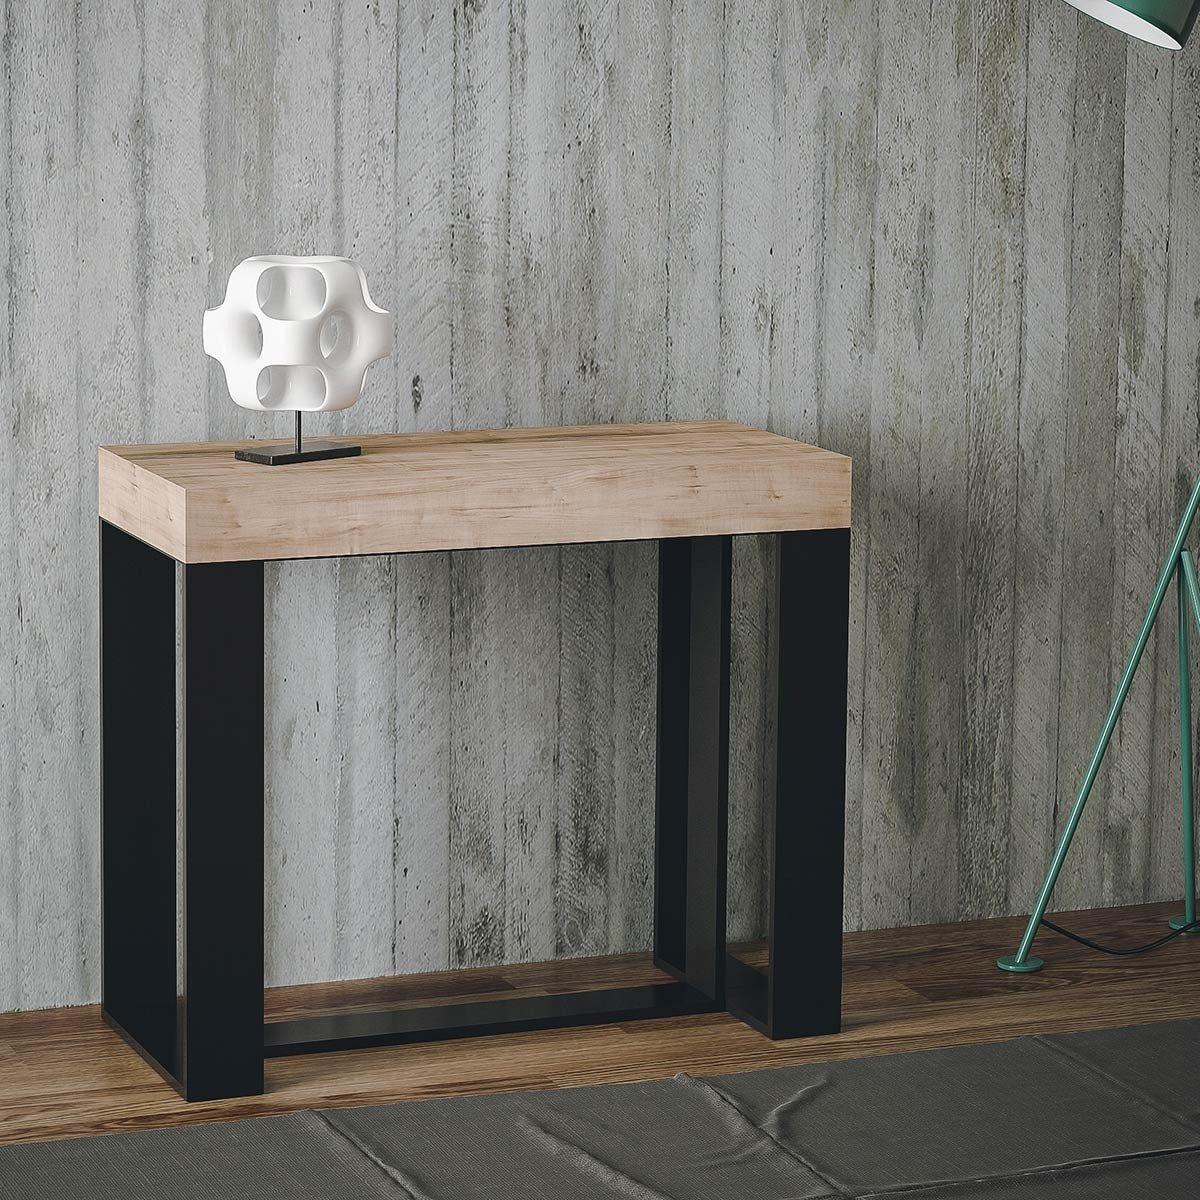 table console extensible latest table console extensible effet bton avec allonges longueur cm. Black Bedroom Furniture Sets. Home Design Ideas